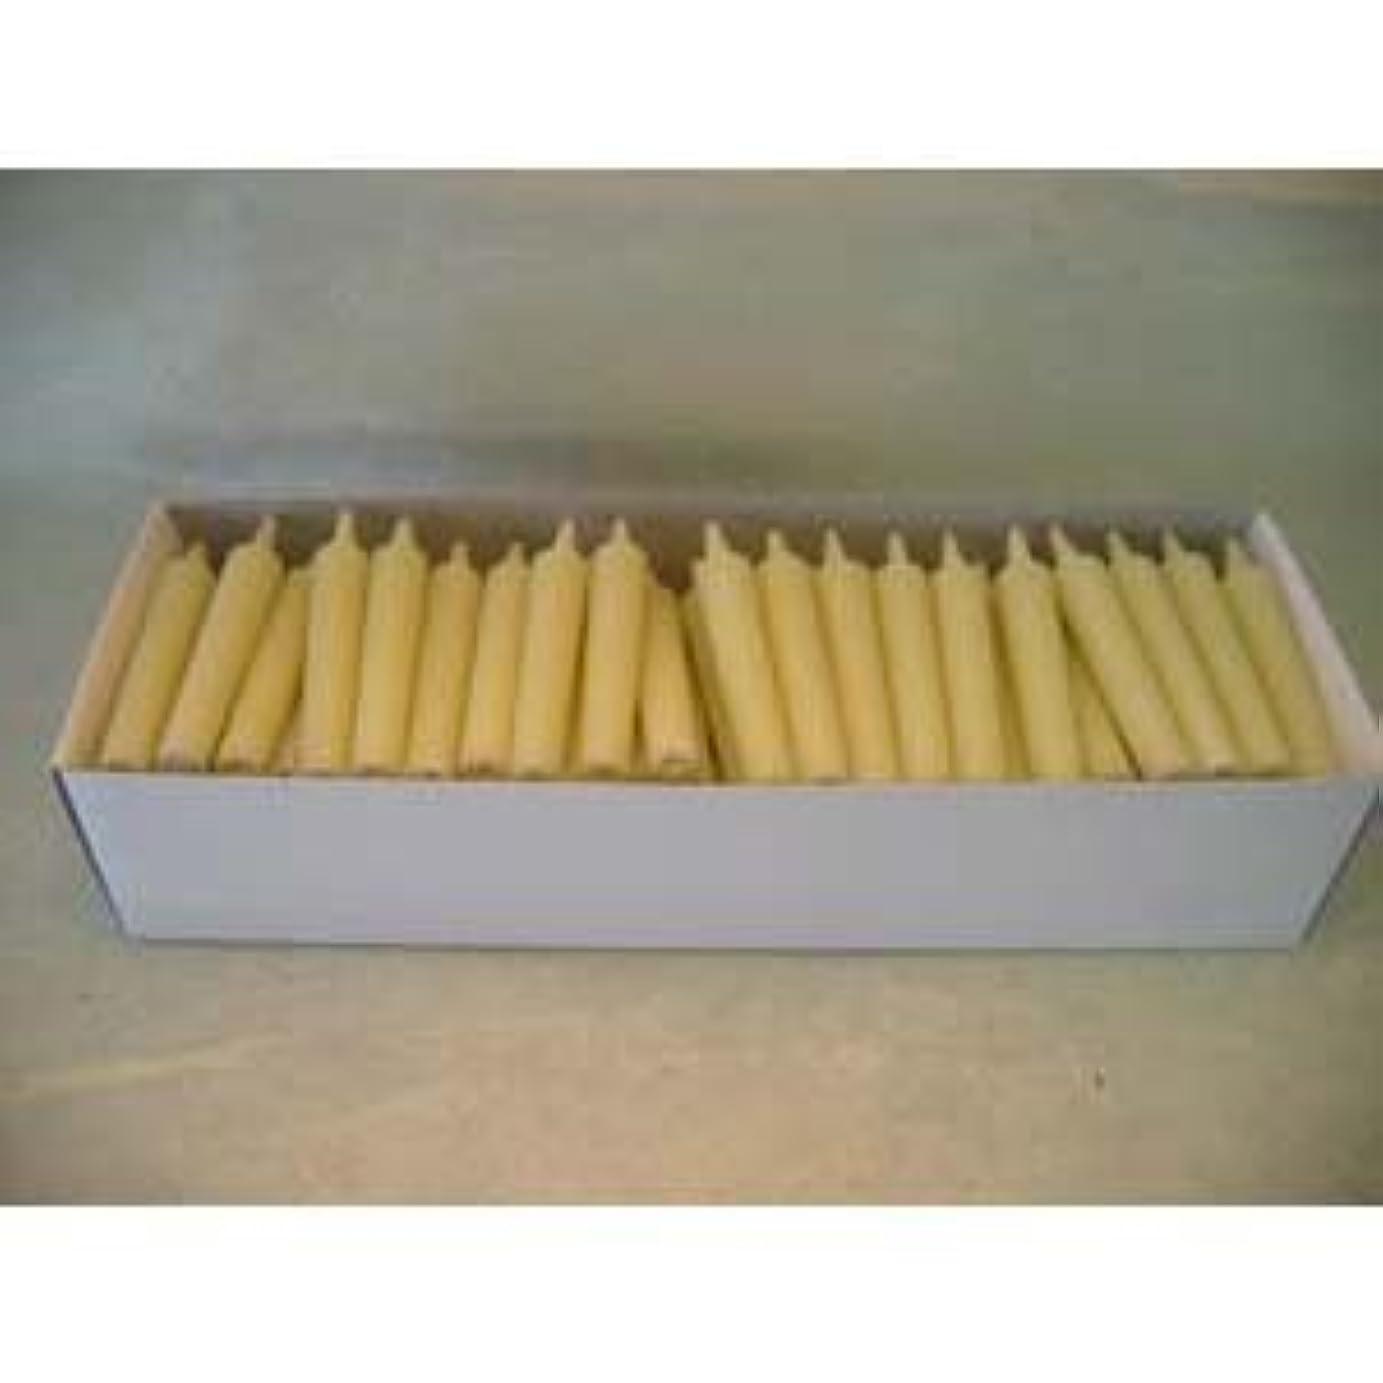 執着唇高揚した和ろうそく 型和蝋燭 ローソク 豆型 棒タイプ 白 100本入り